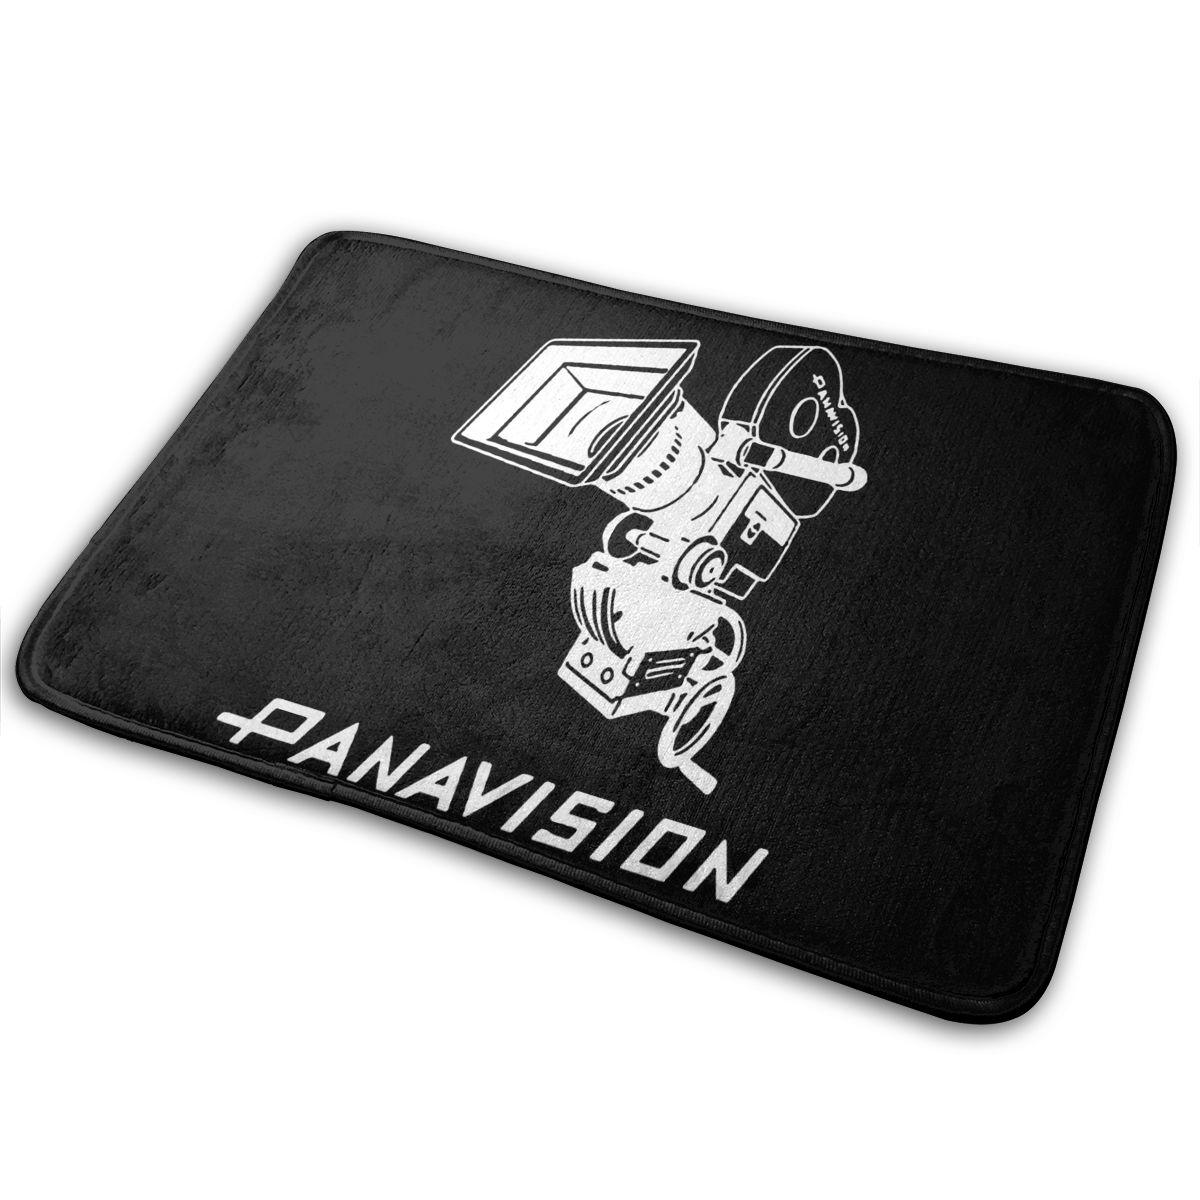 Panavision סרט צוות מצלמה צילומי גברים של חולצות שחור לבן S'2Xl B חדש מגמות שטיח שטיח